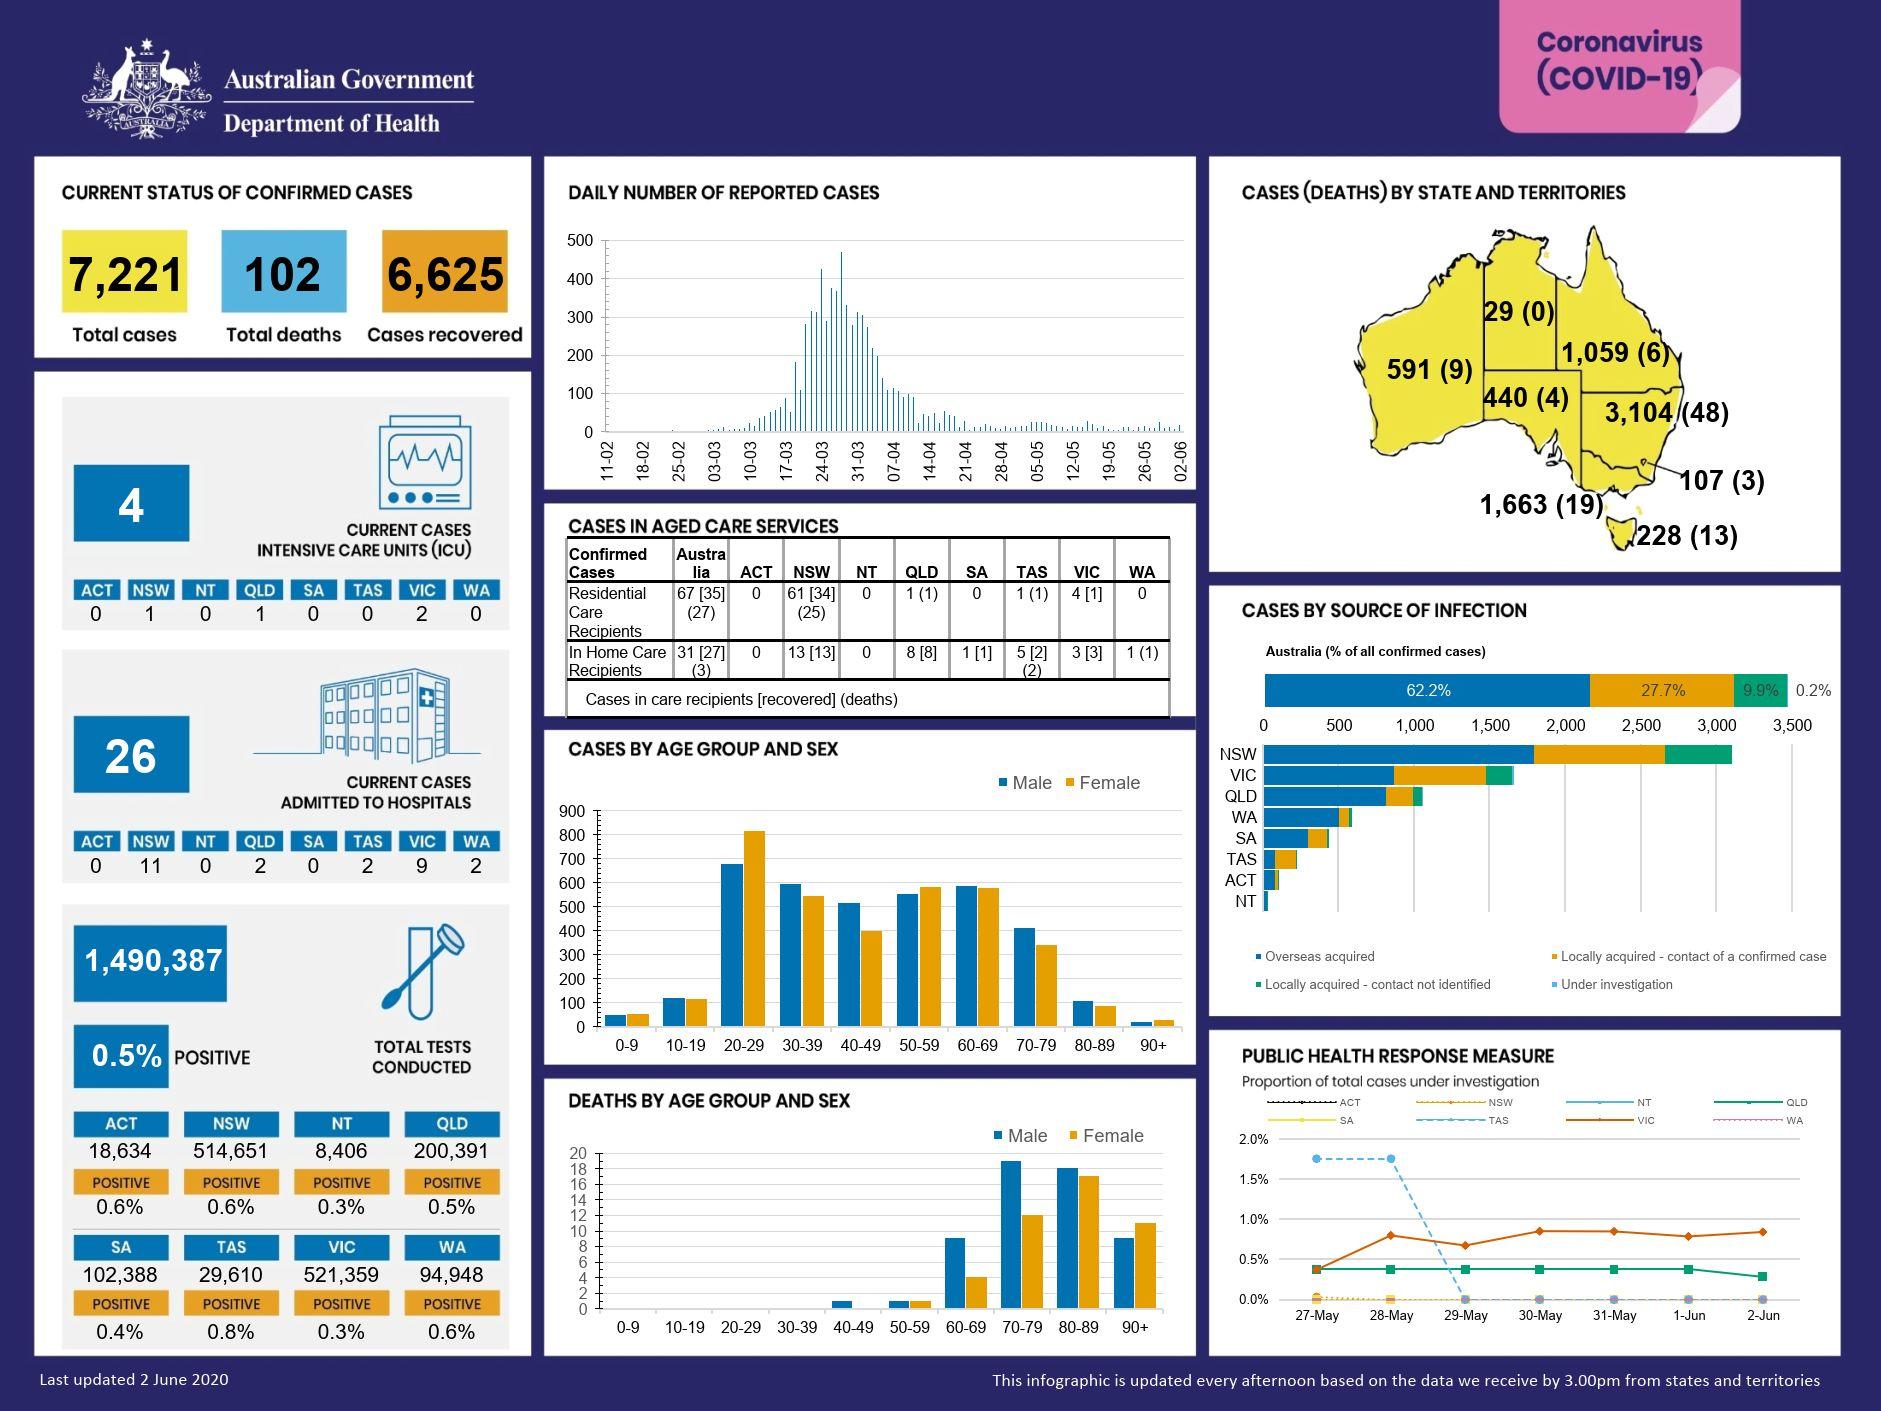 2.Infographic20200602